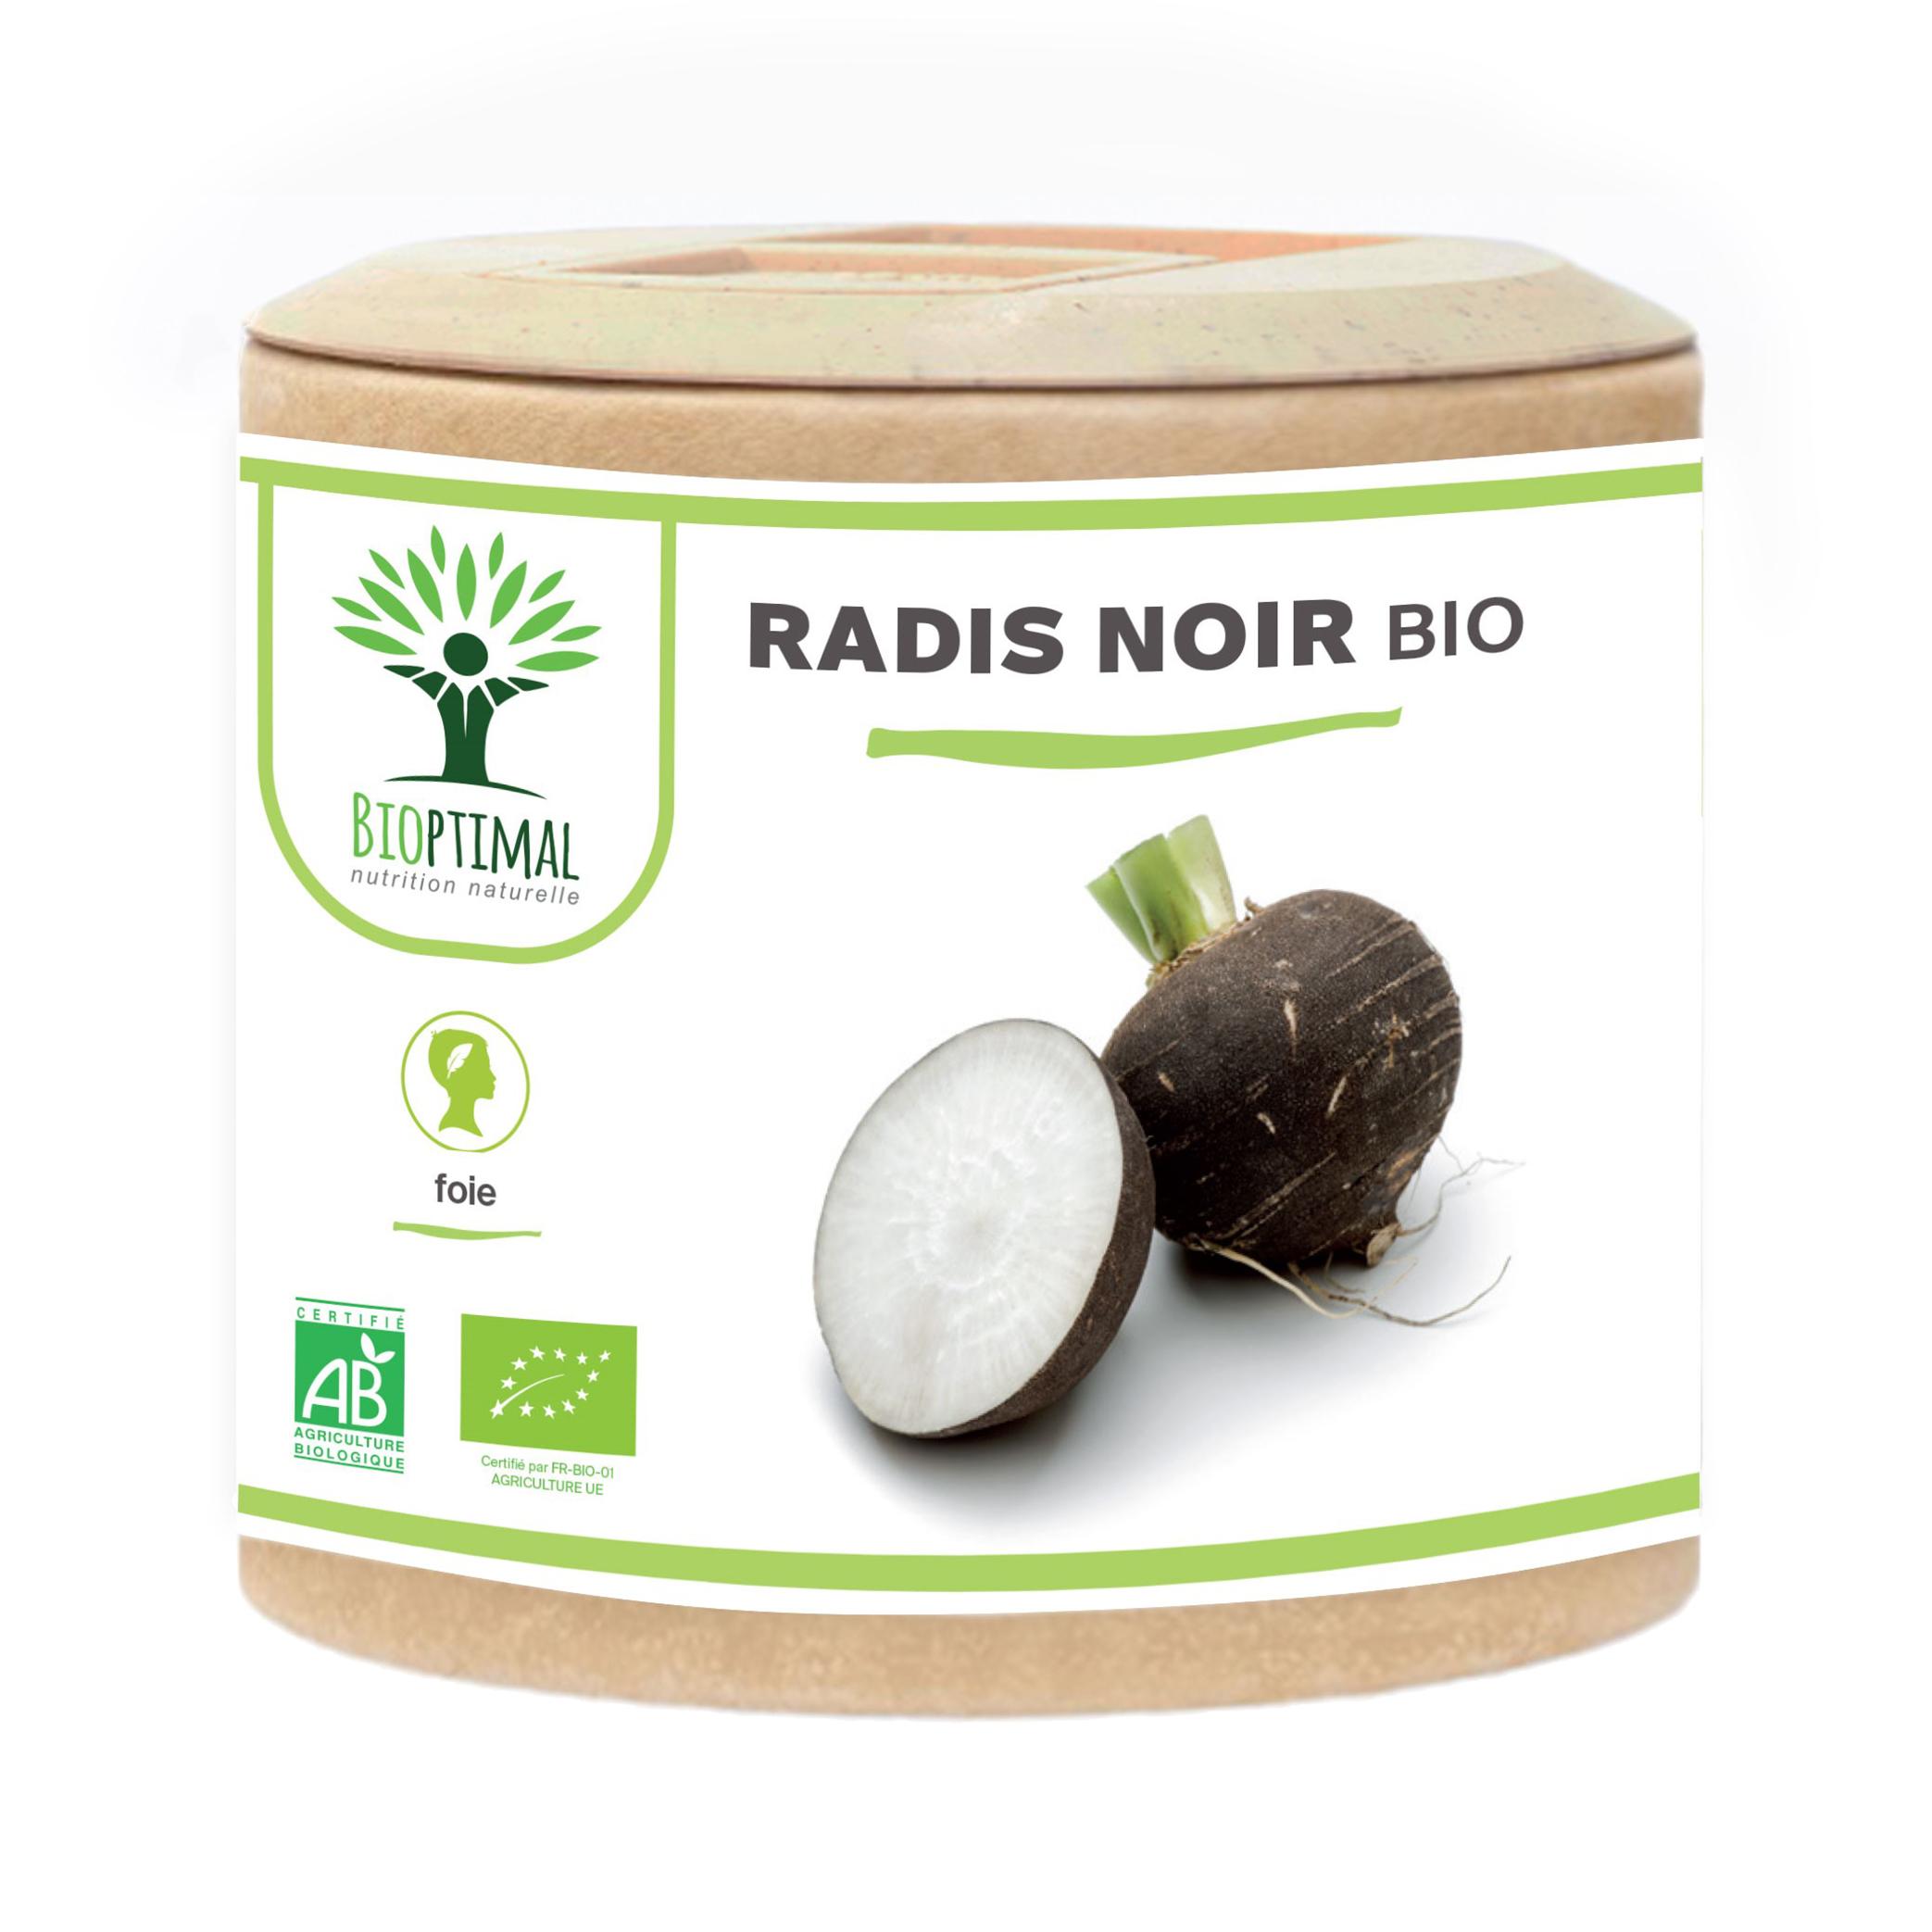 Bioptimal - Radis Noir Bio - Dépuratif Détox Foie Digestion - 60 gélules